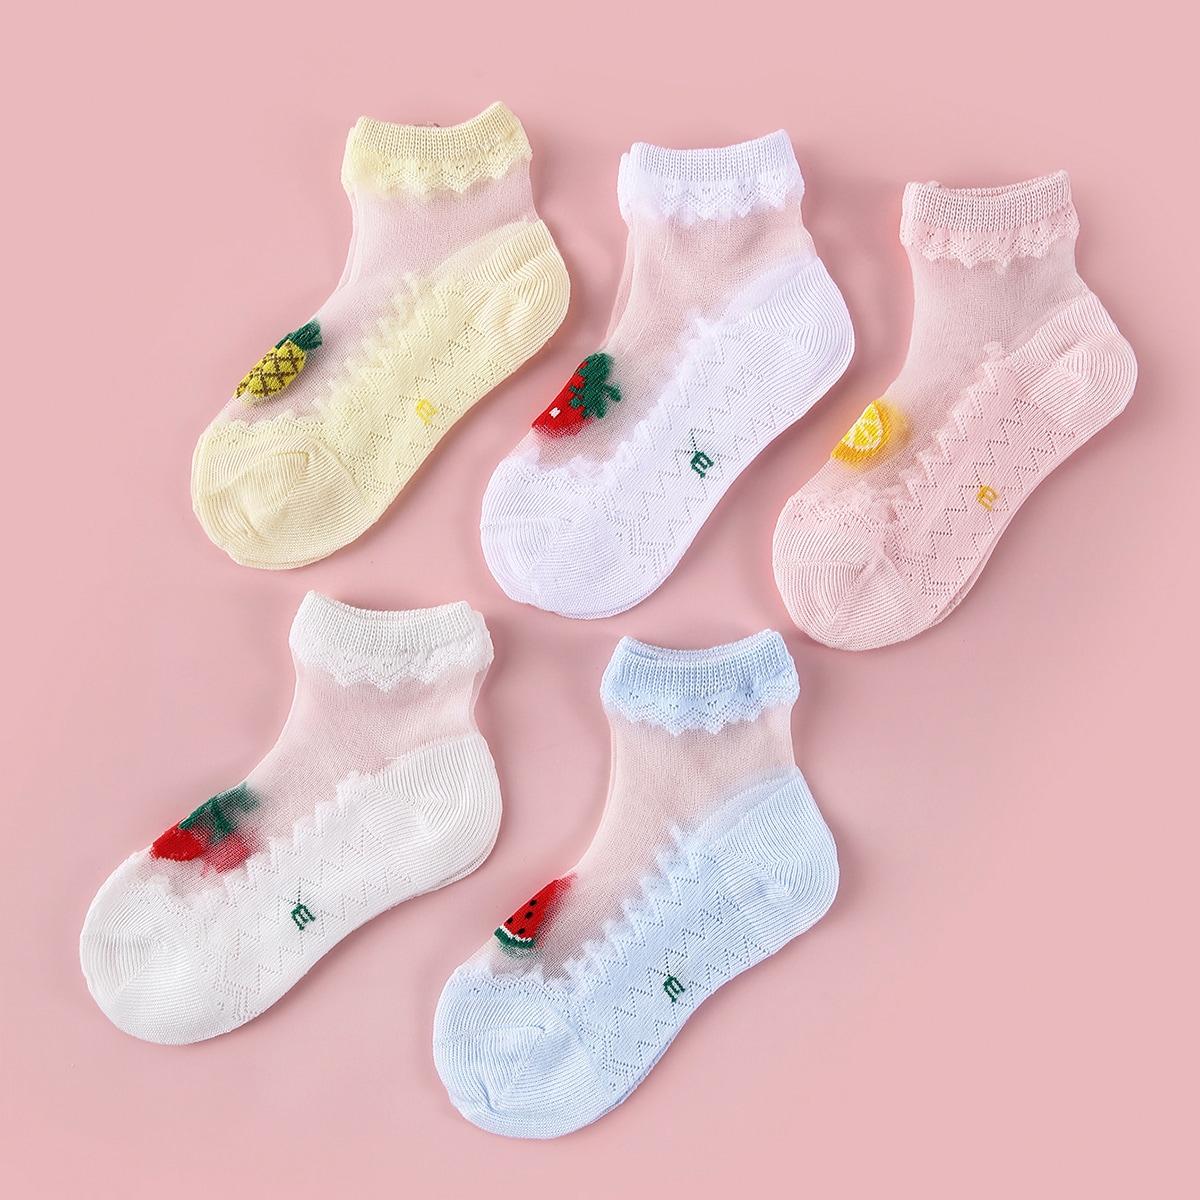 SHEIN / 5pairs Baby Fruit Pattern Socks